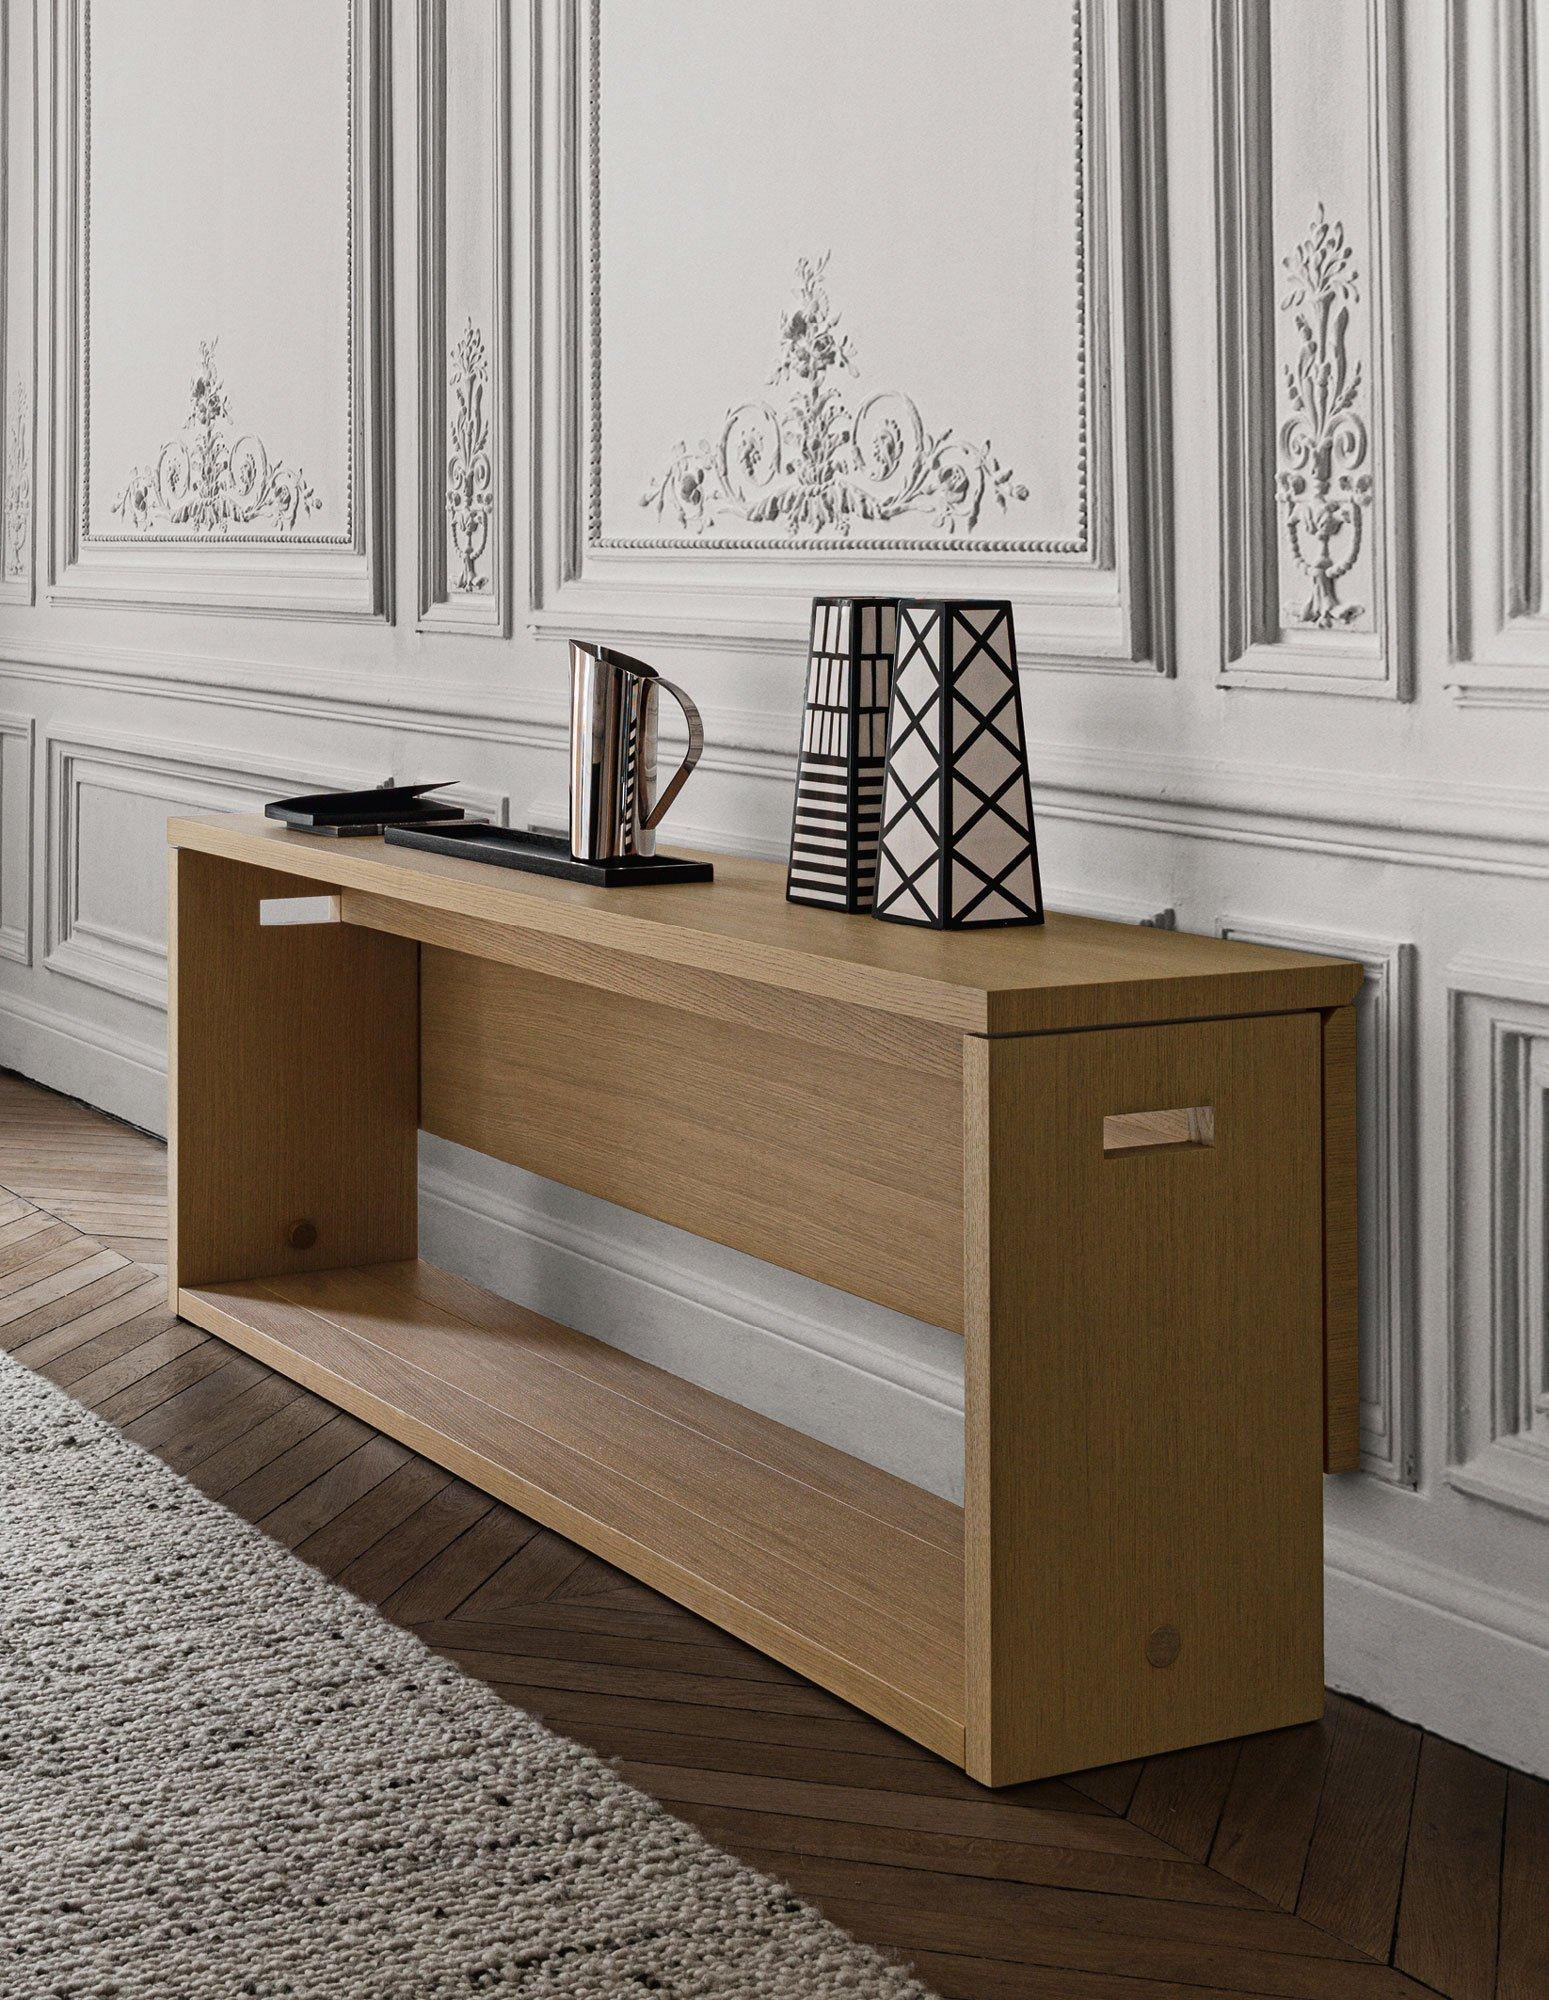 Wandlungsfähiger Tisch von Antonio Citterio für Maxalto